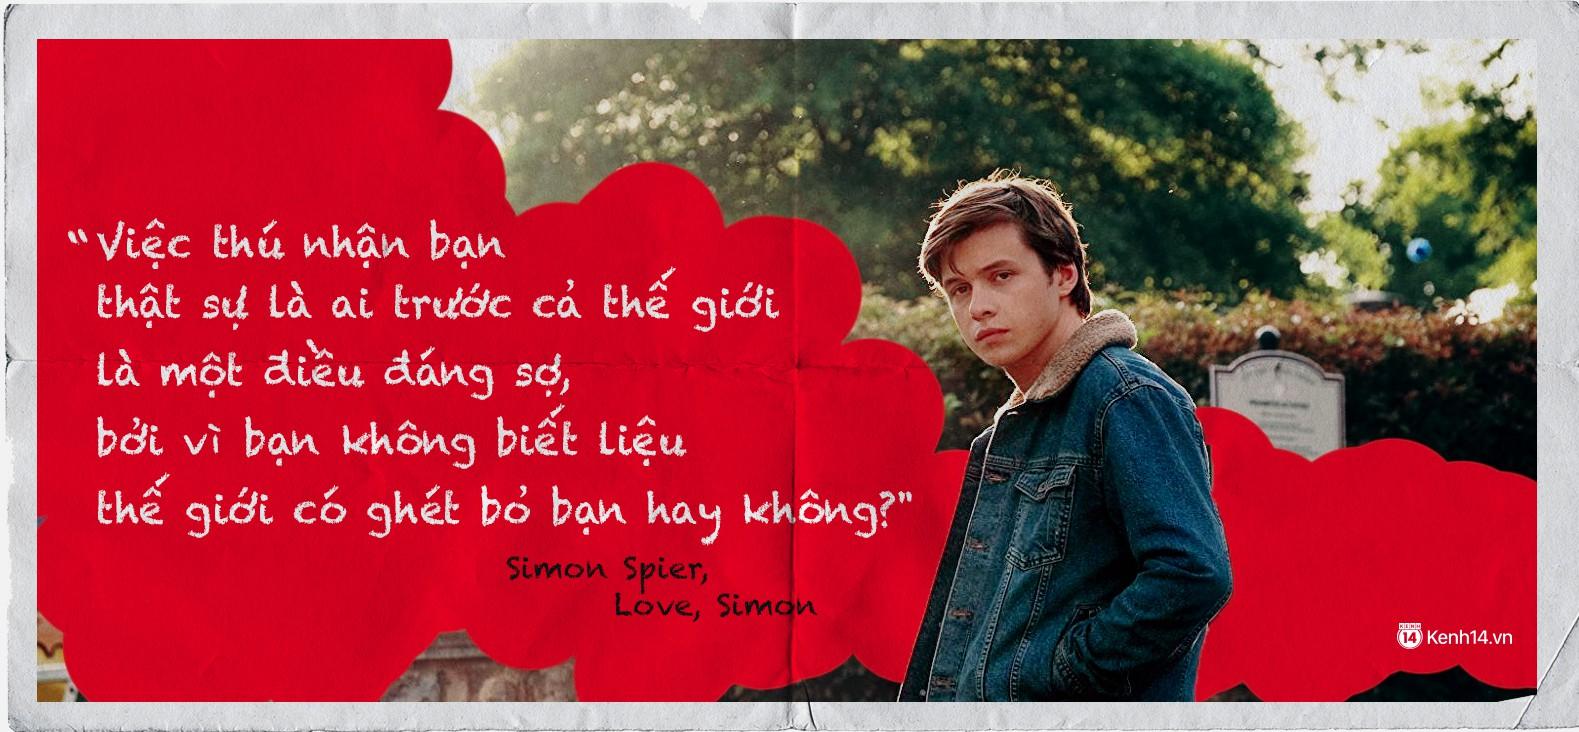 Từ Call Me By Your Name đến Love, Simon: Tiếng yêu thổn thức trong từng câu thoại - Ảnh 3.